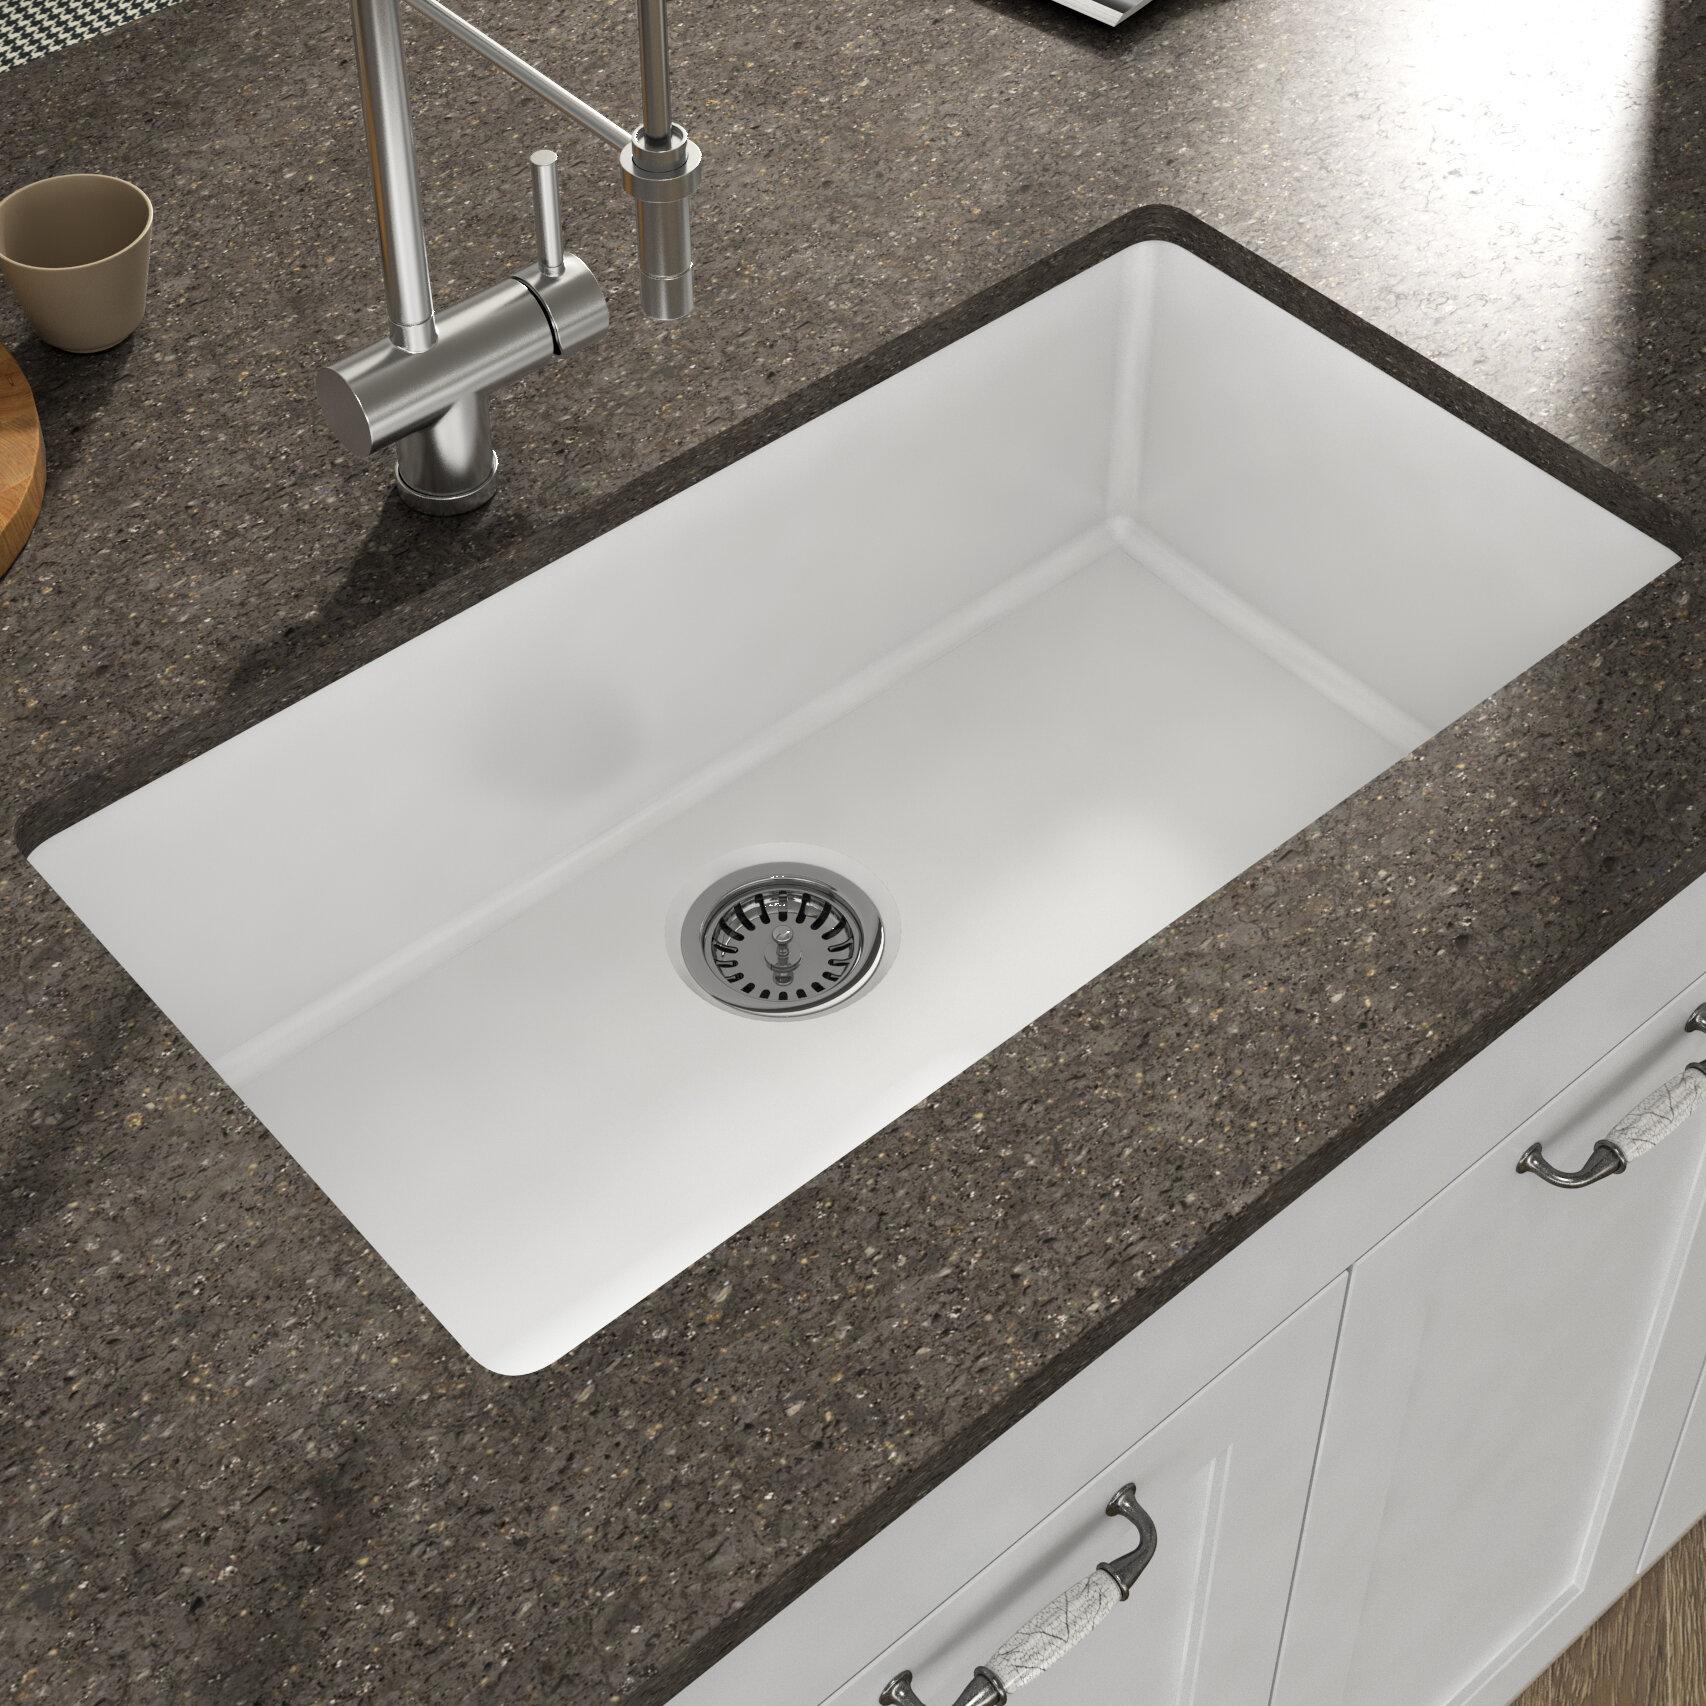 Yorkshire Fireclay 32 L X 18 W Undermount Kitchen Sink With Strainer In White